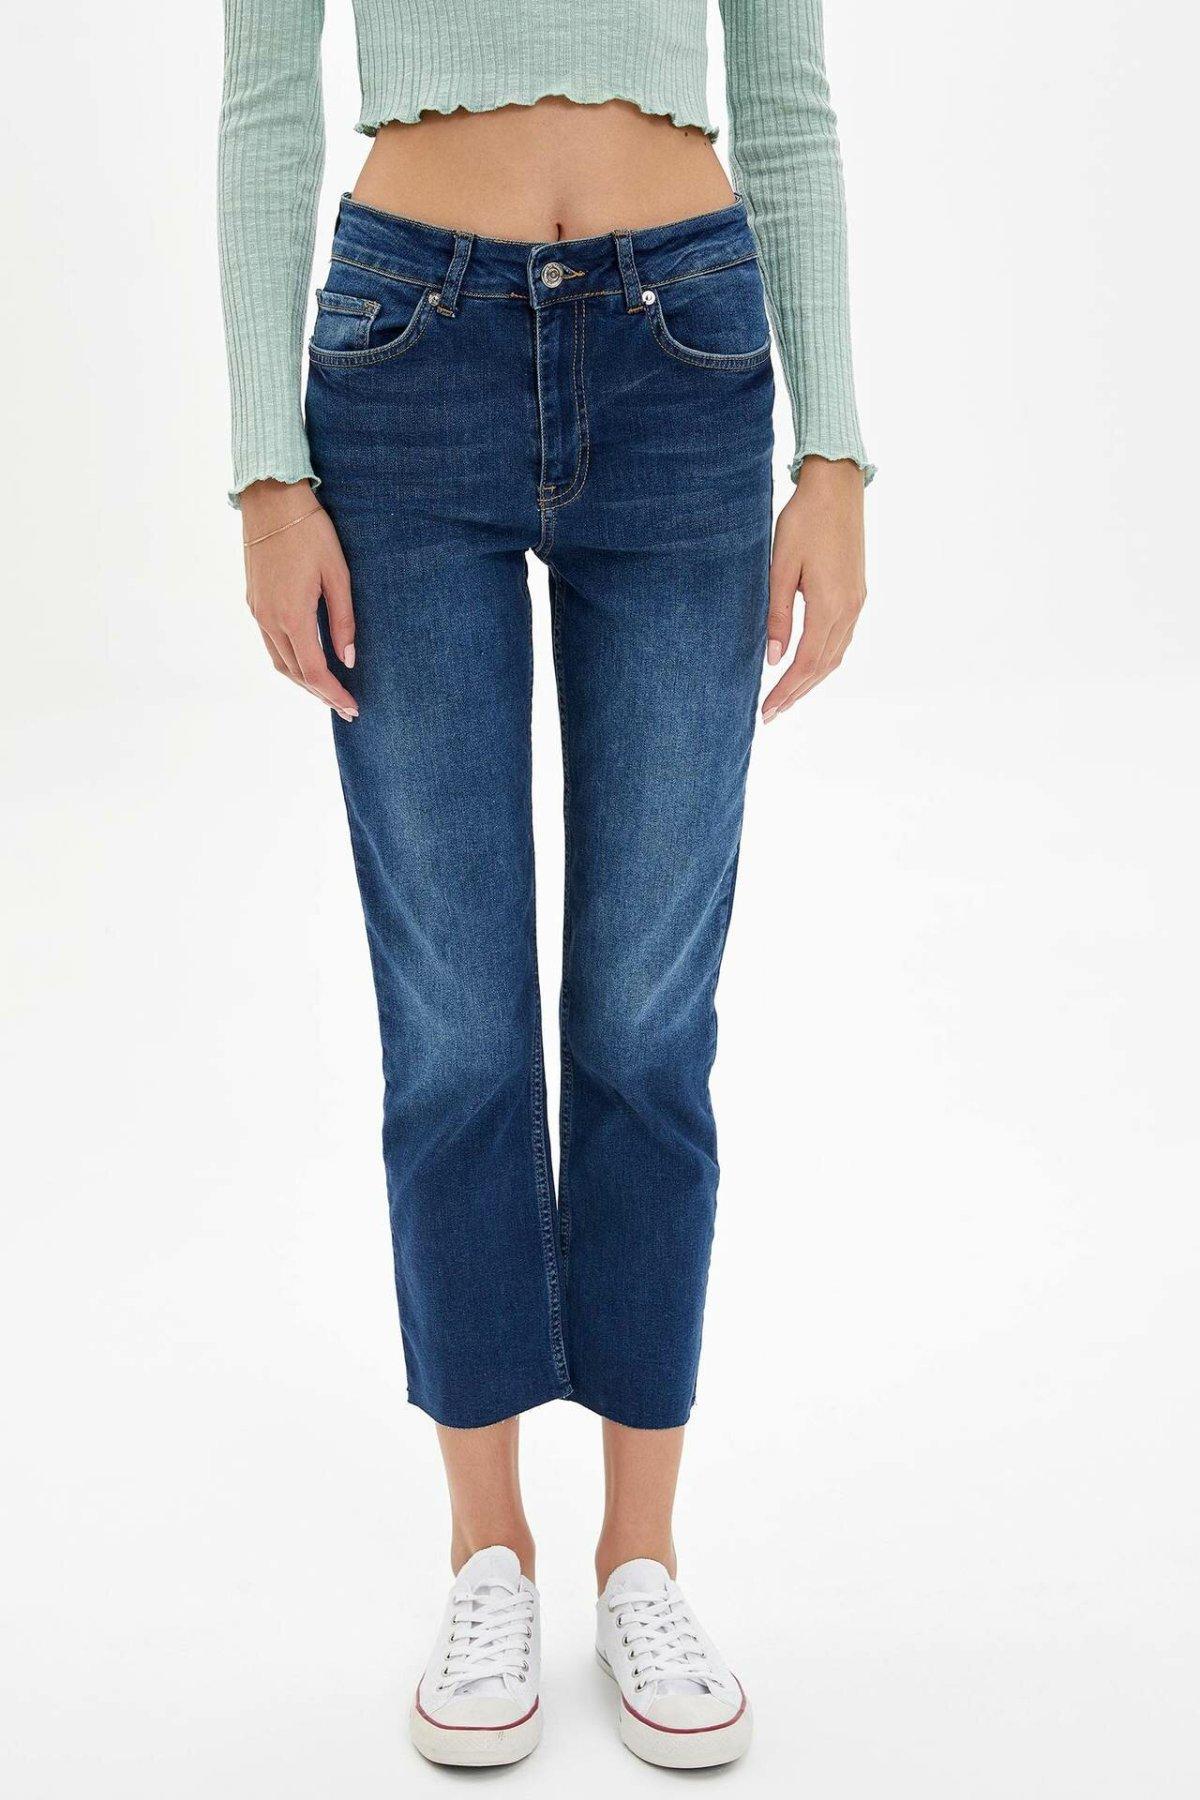 DeFacto Fashion Woman Denim Trousers Casual Solid Striaght Crop Pants Female Mid Waist Leisure Comfort Pant - L7460AZ19AU